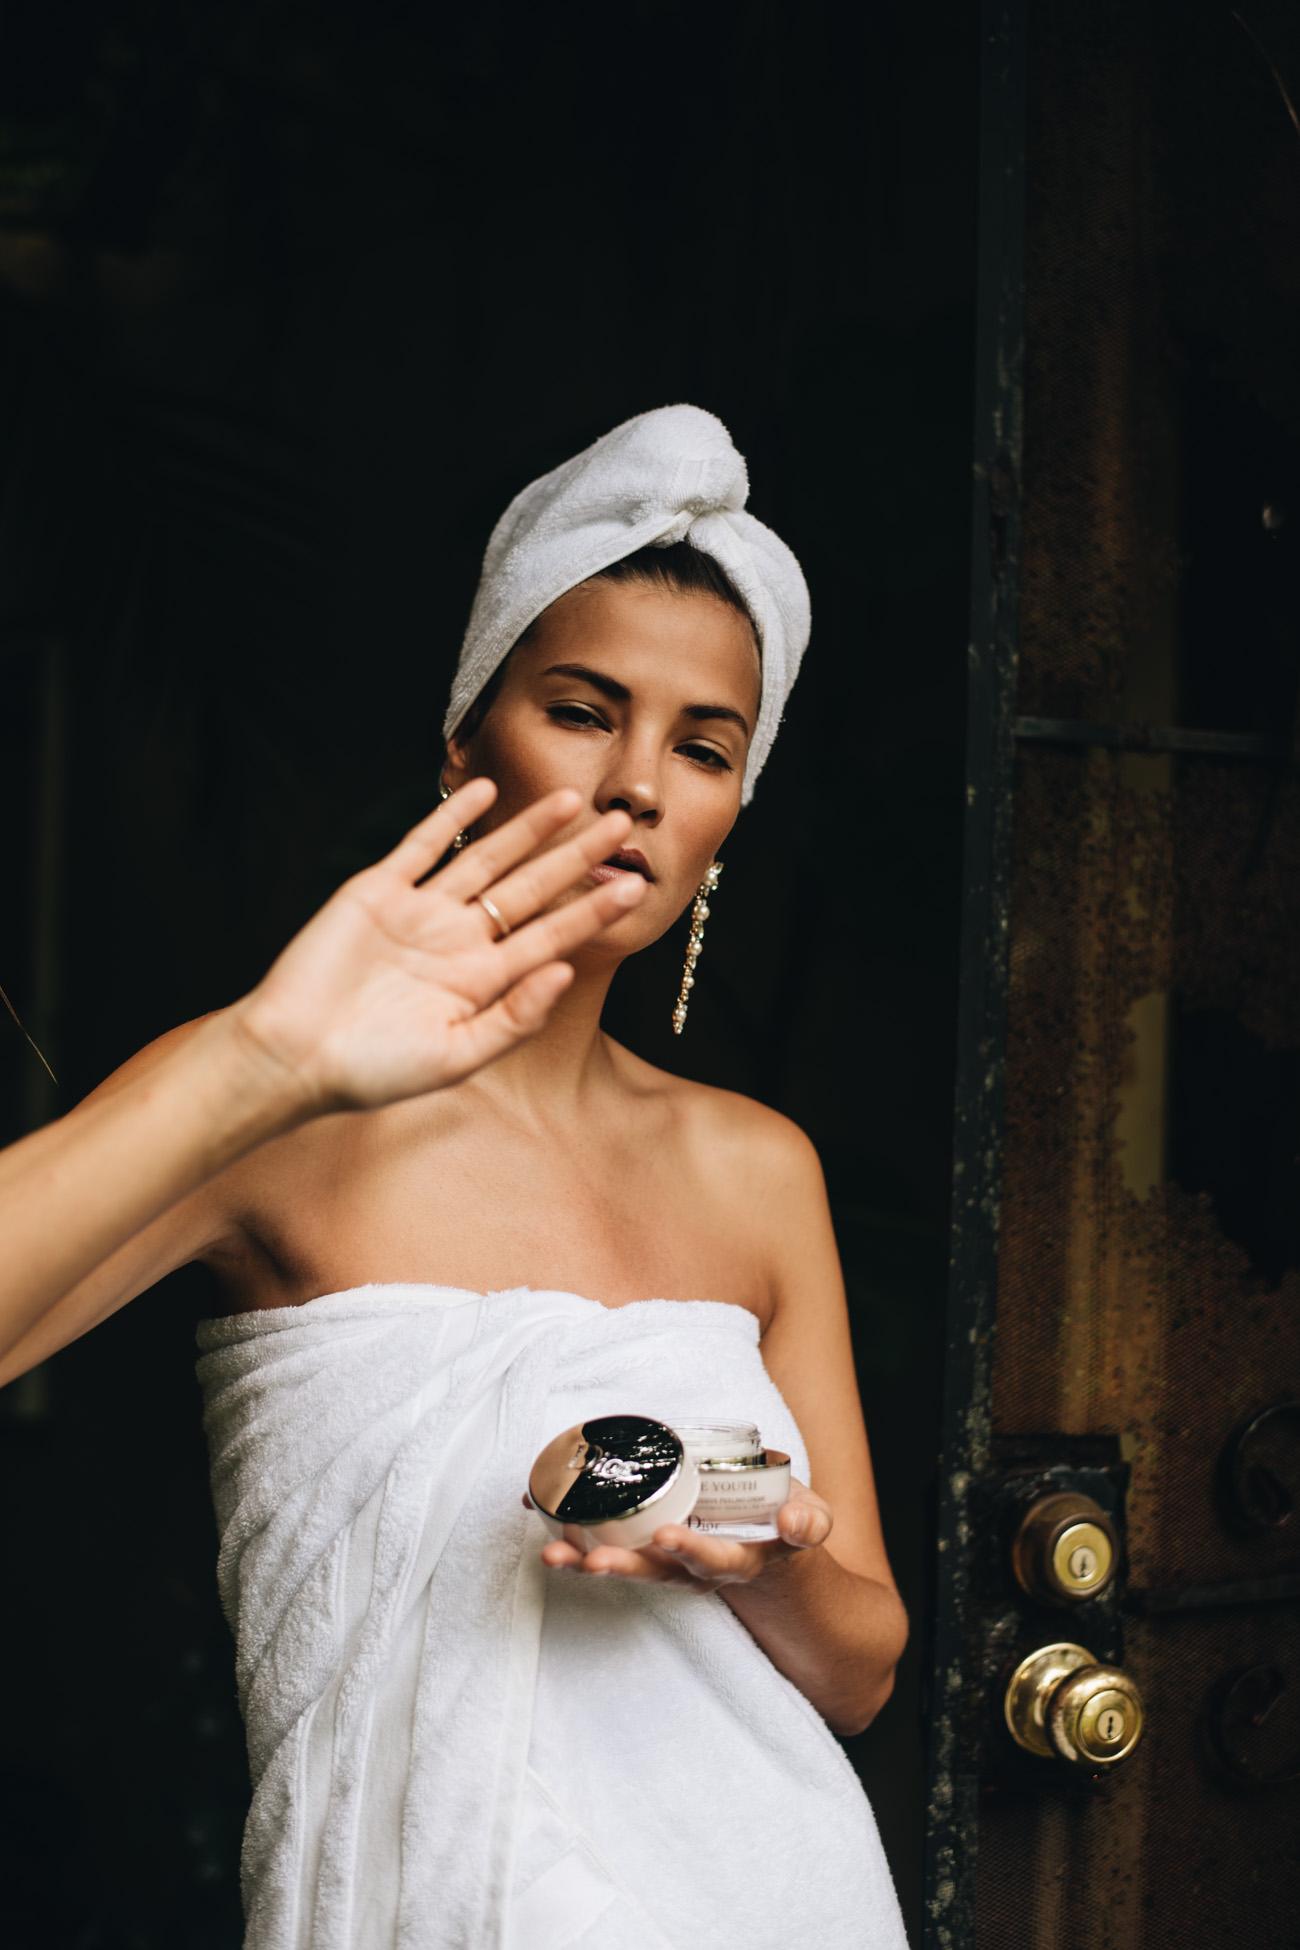 Nachhaltige Beautyprodukte